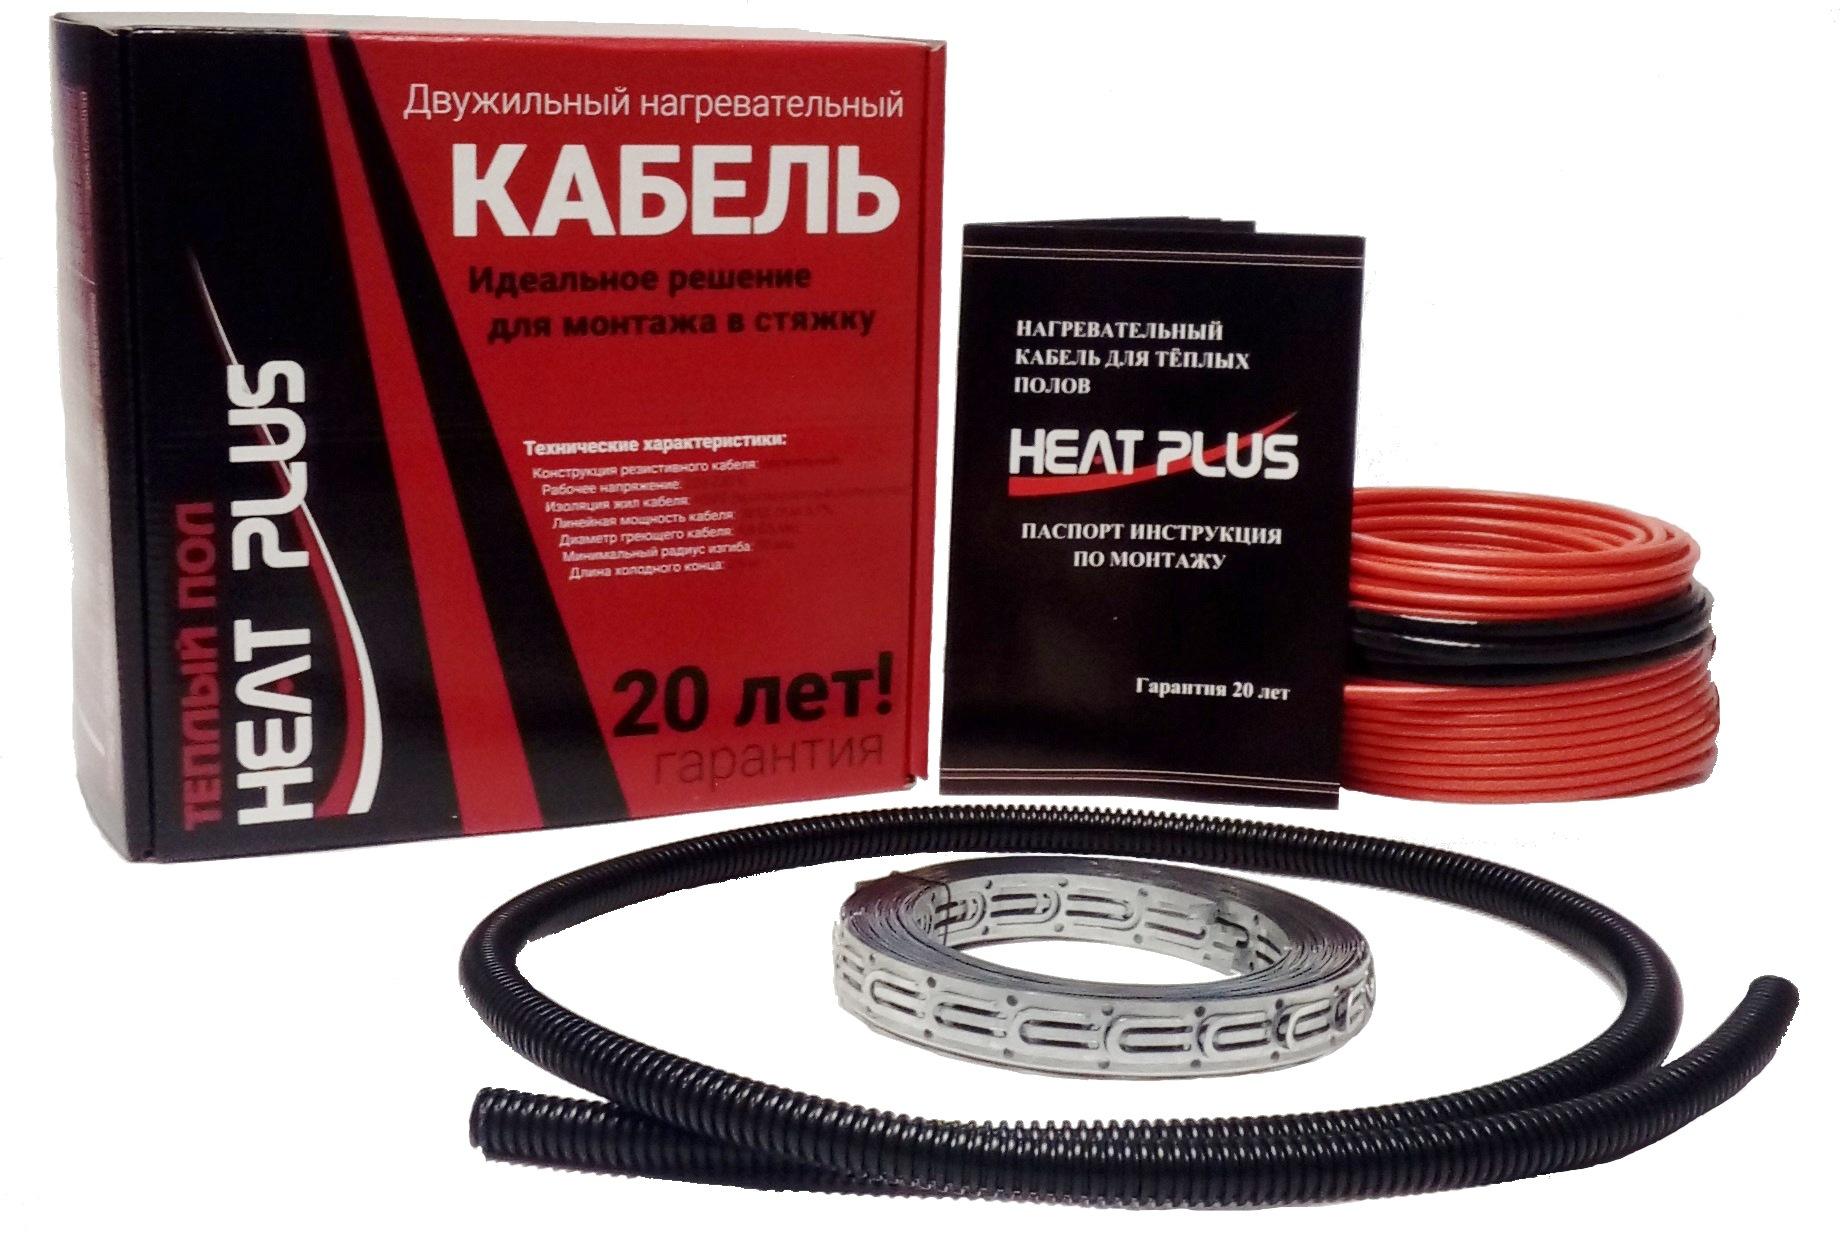 Двужильный нагревательный кабель HeatPlus 500Вт